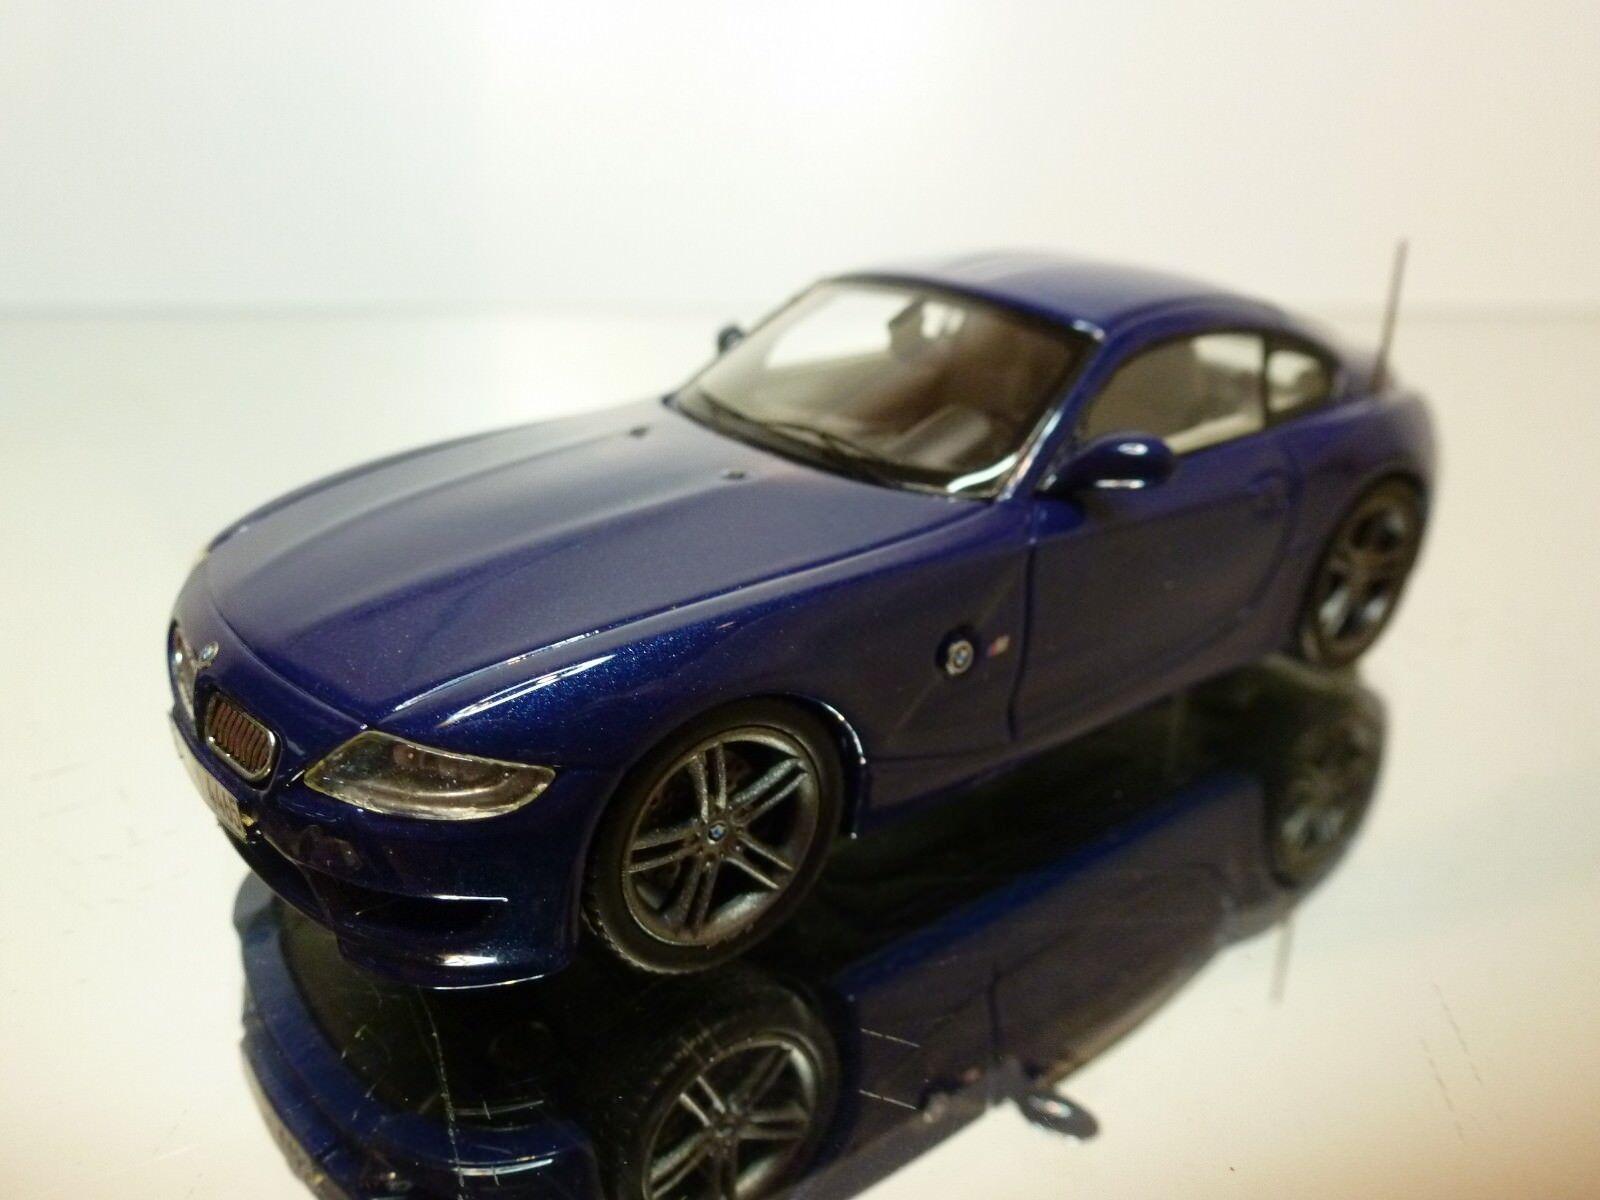 si affrettò a vedere NEO modelloS 44285 BMW Z4 M COUPE - blu METtuttiIC METtuttiIC METtuttiIC 1 43 - EXCELLENT CONDITION - 33  spedizione veloce in tutto il mondo